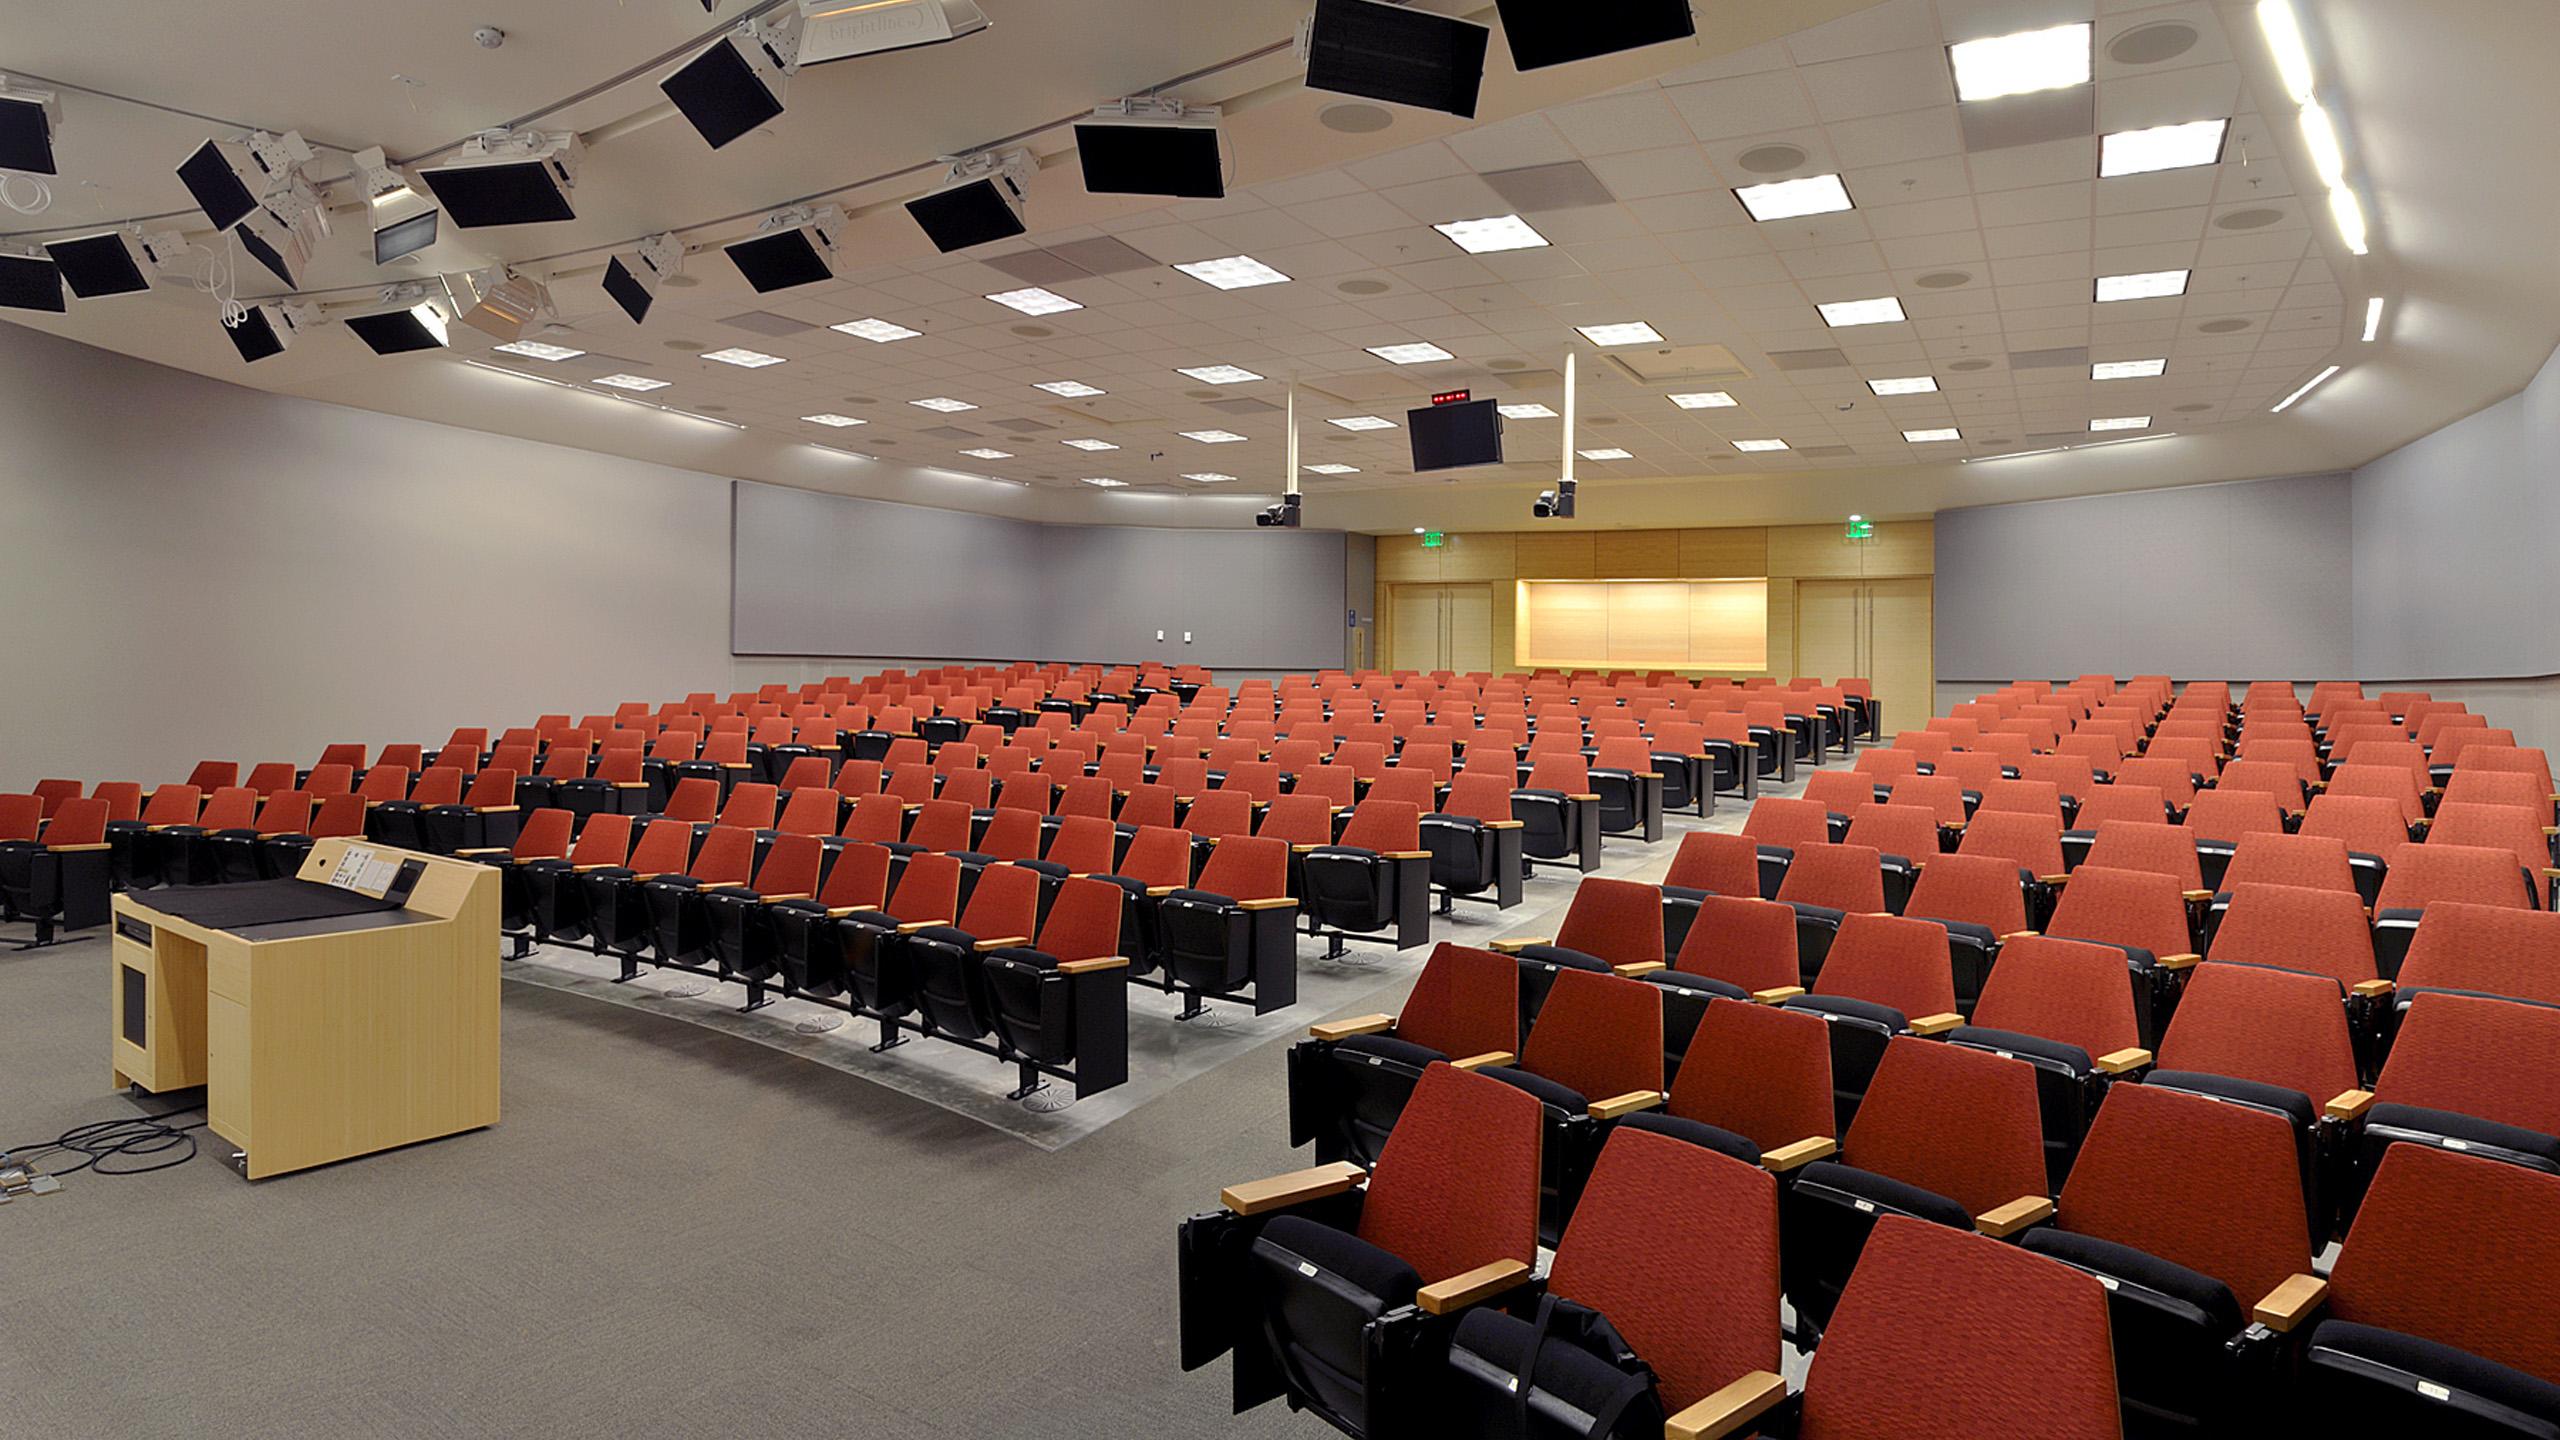 Jen-Hsun Huang Engineering Center – Stanford University / image 10